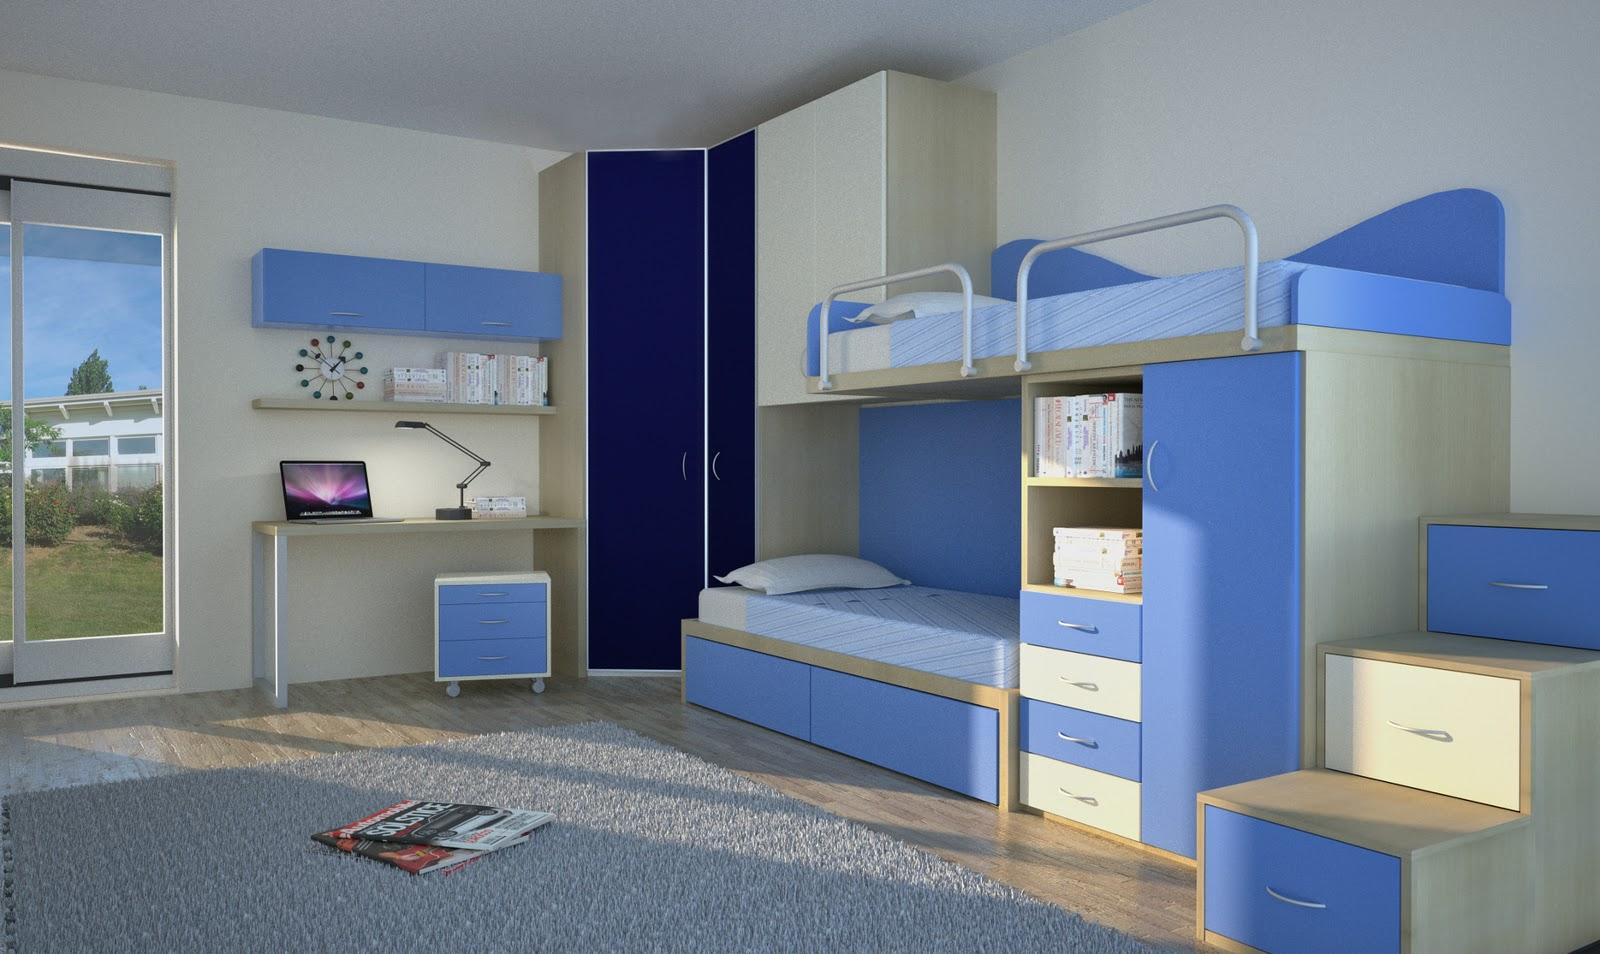 Camere Per Bambini Da Sogno : Camerette da sogno per ragazze camere da letto per ragazze free